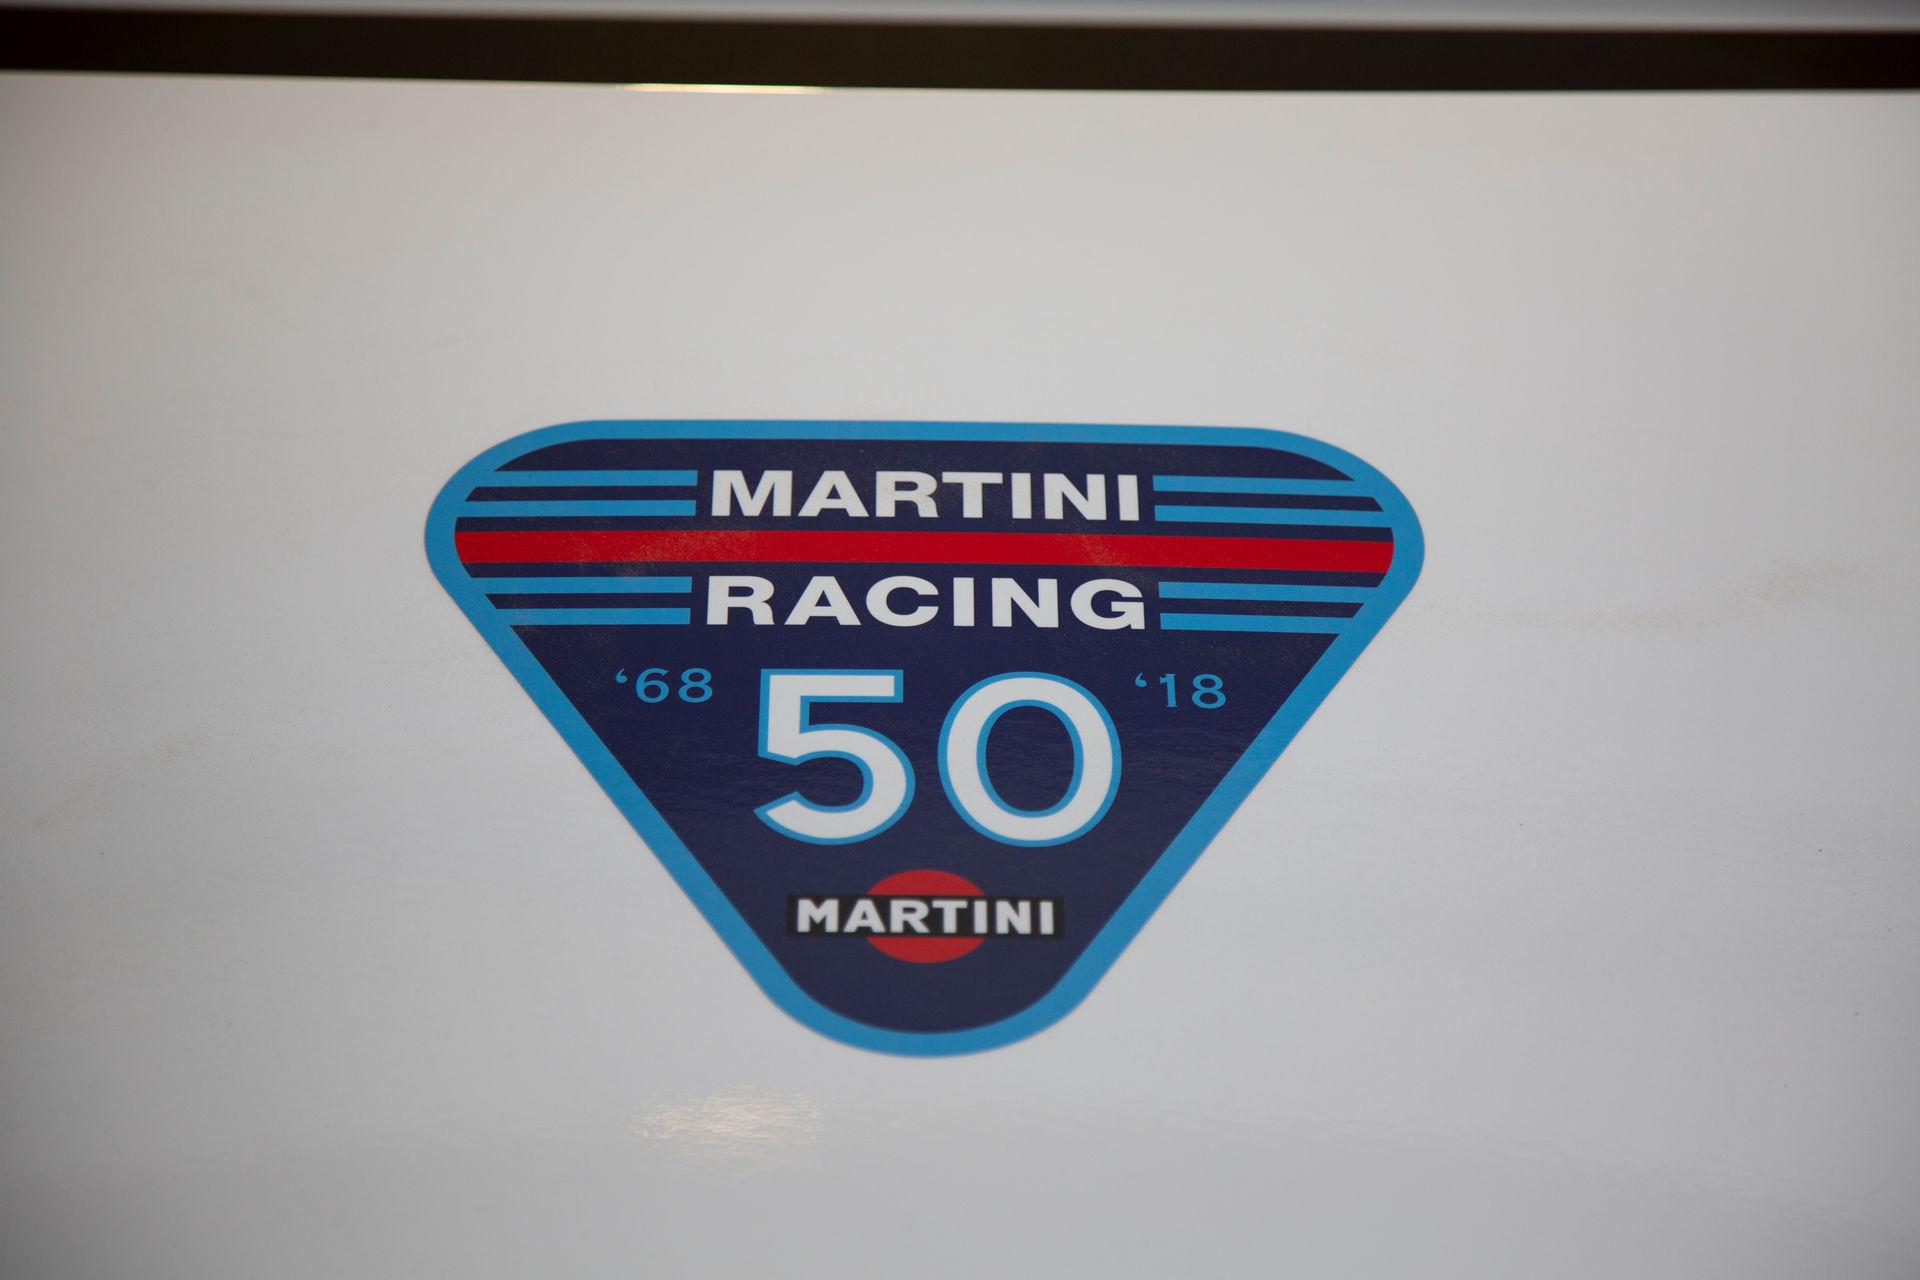 2020_Porsche_935_Martini_Livery_sale_0016